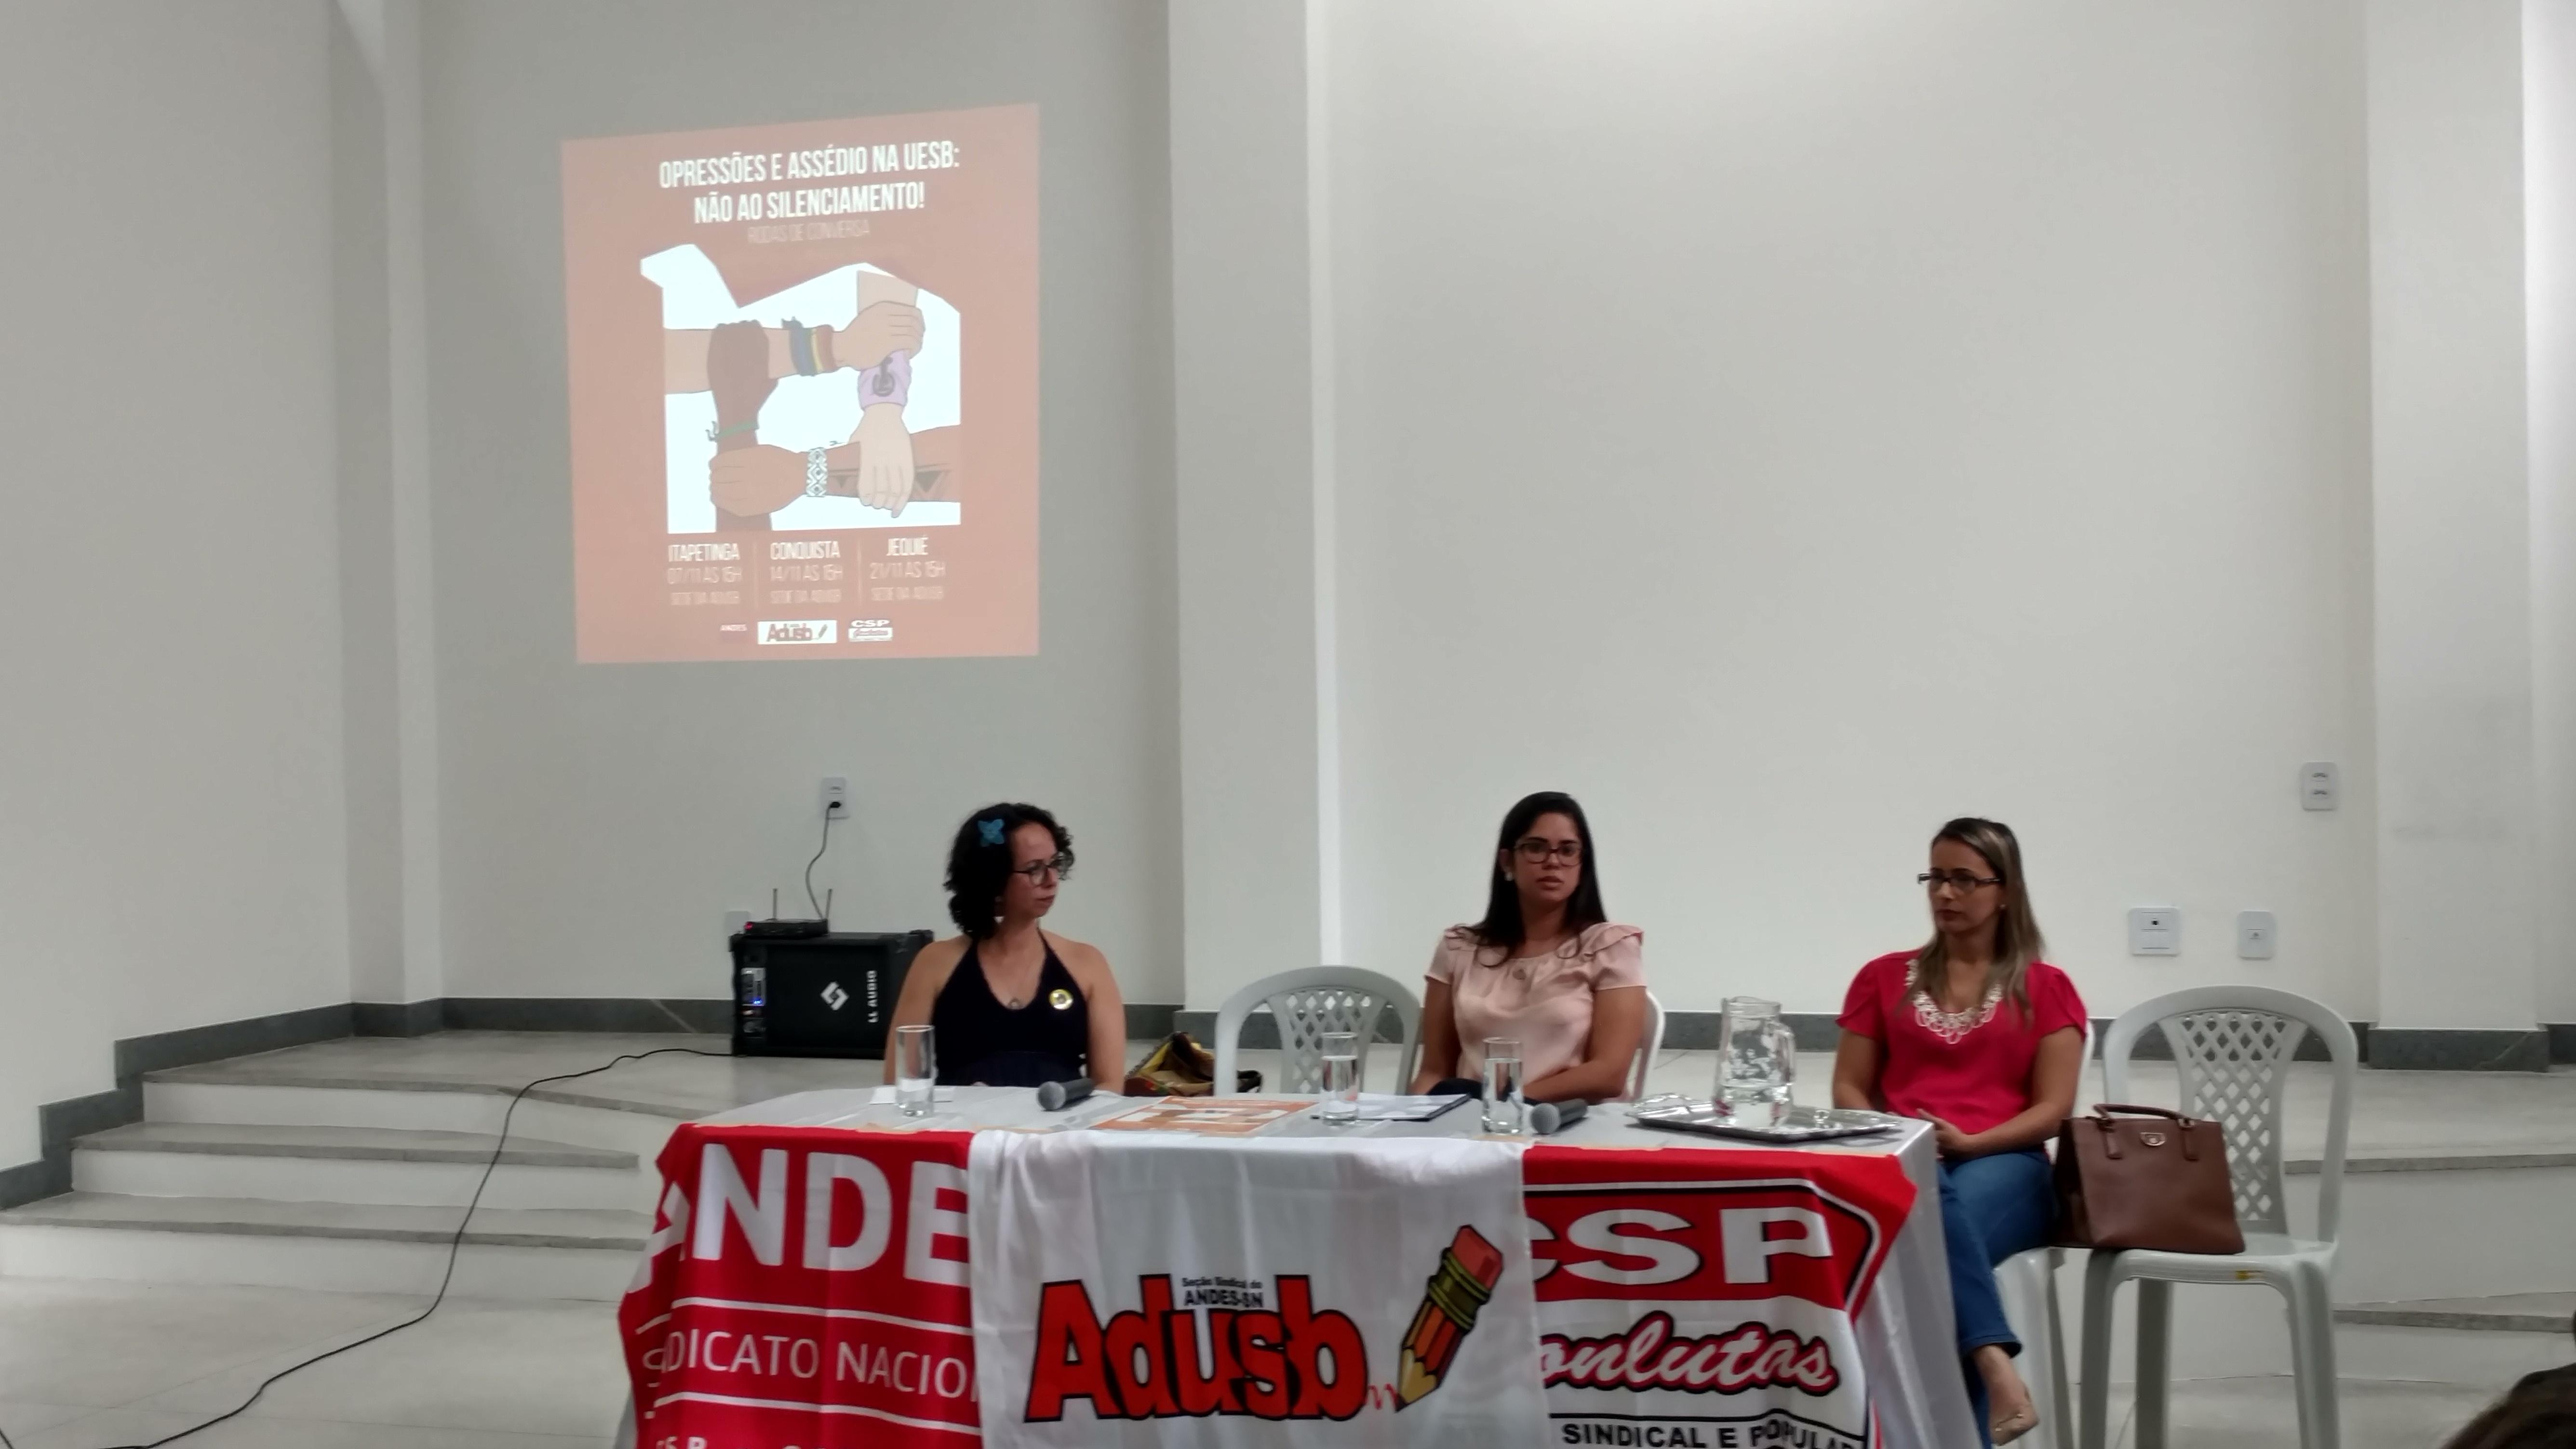 Comunidade acadêmica de Itapetinga denuncia opressões e assédio na Uesb